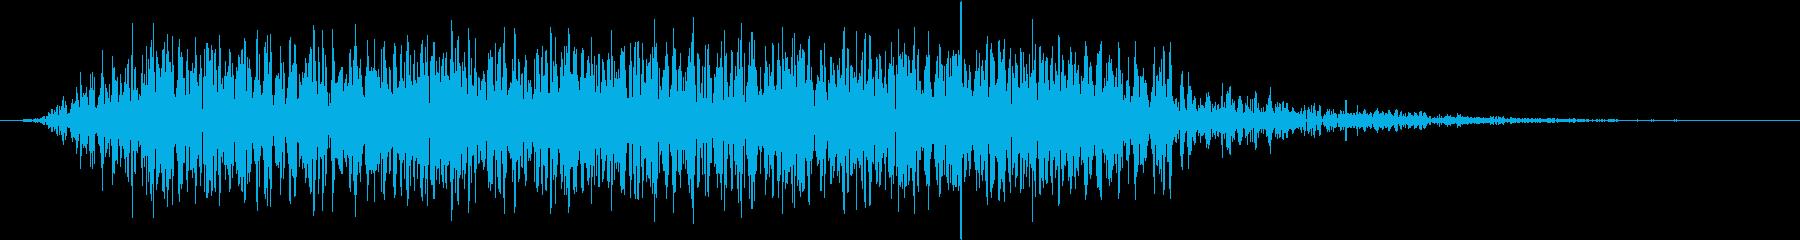 モンスター 悲鳴 51の再生済みの波形